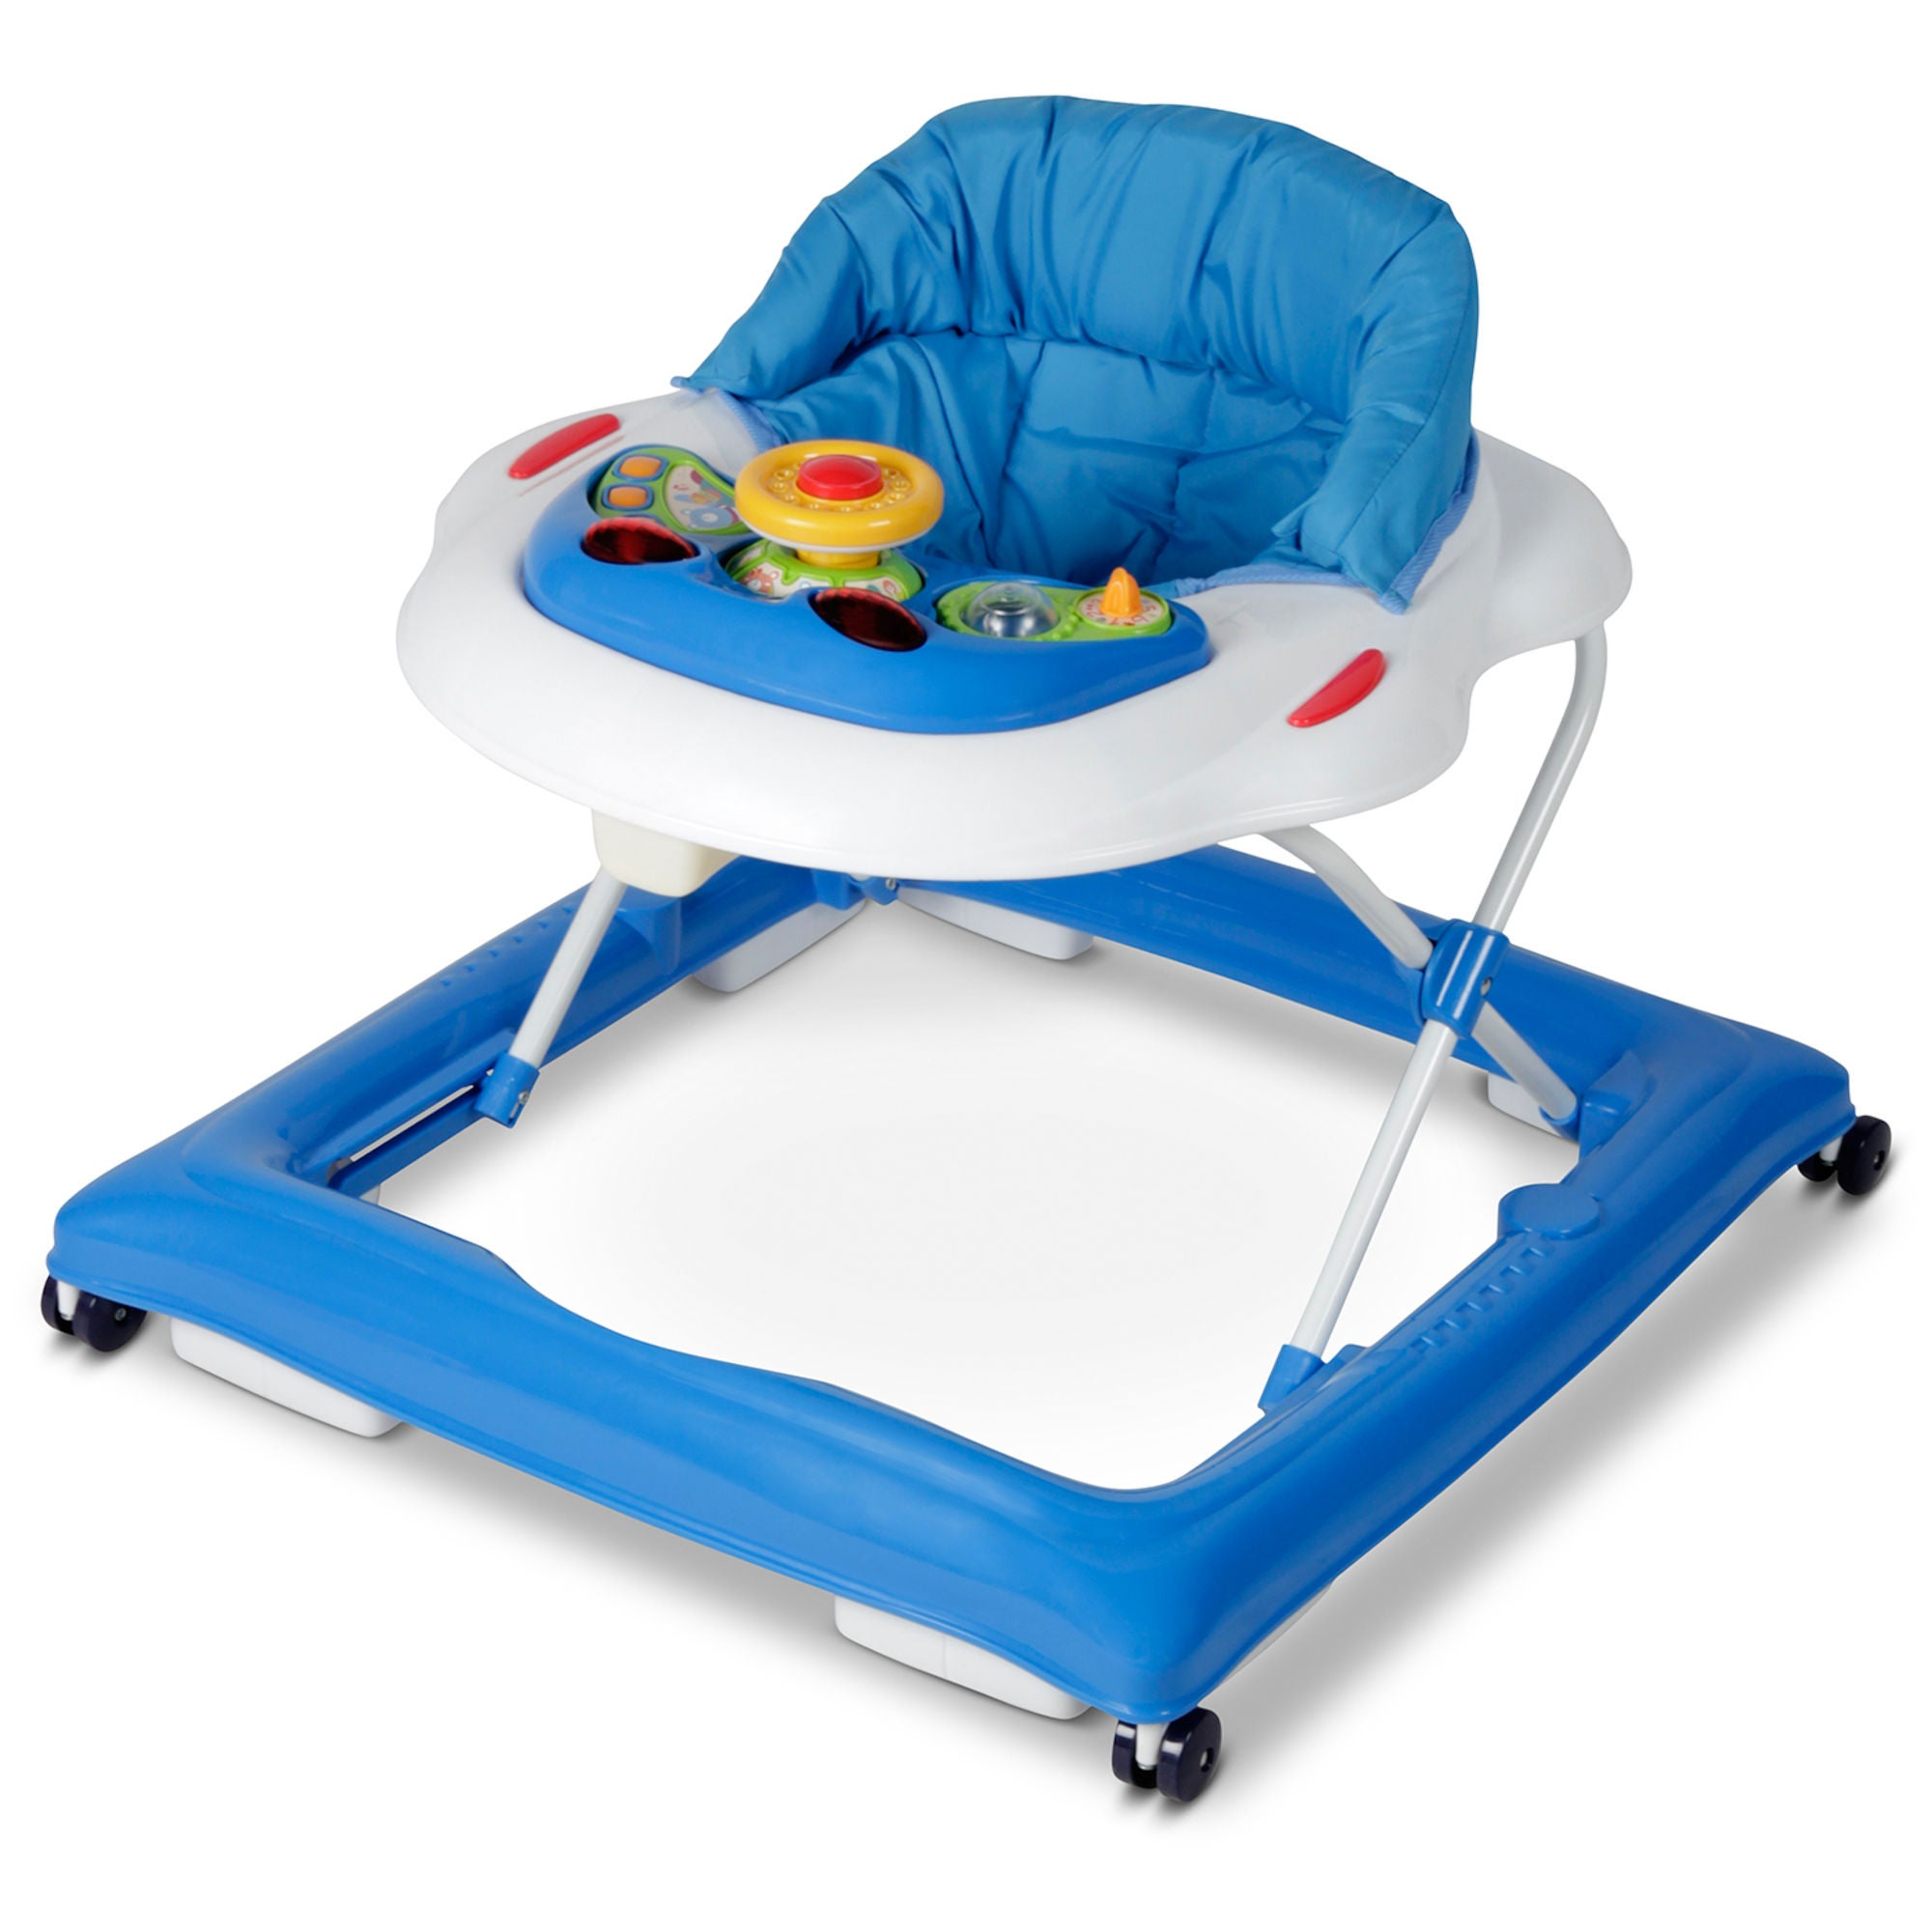 Beemoo Simple Kävelytuoli, Sininen